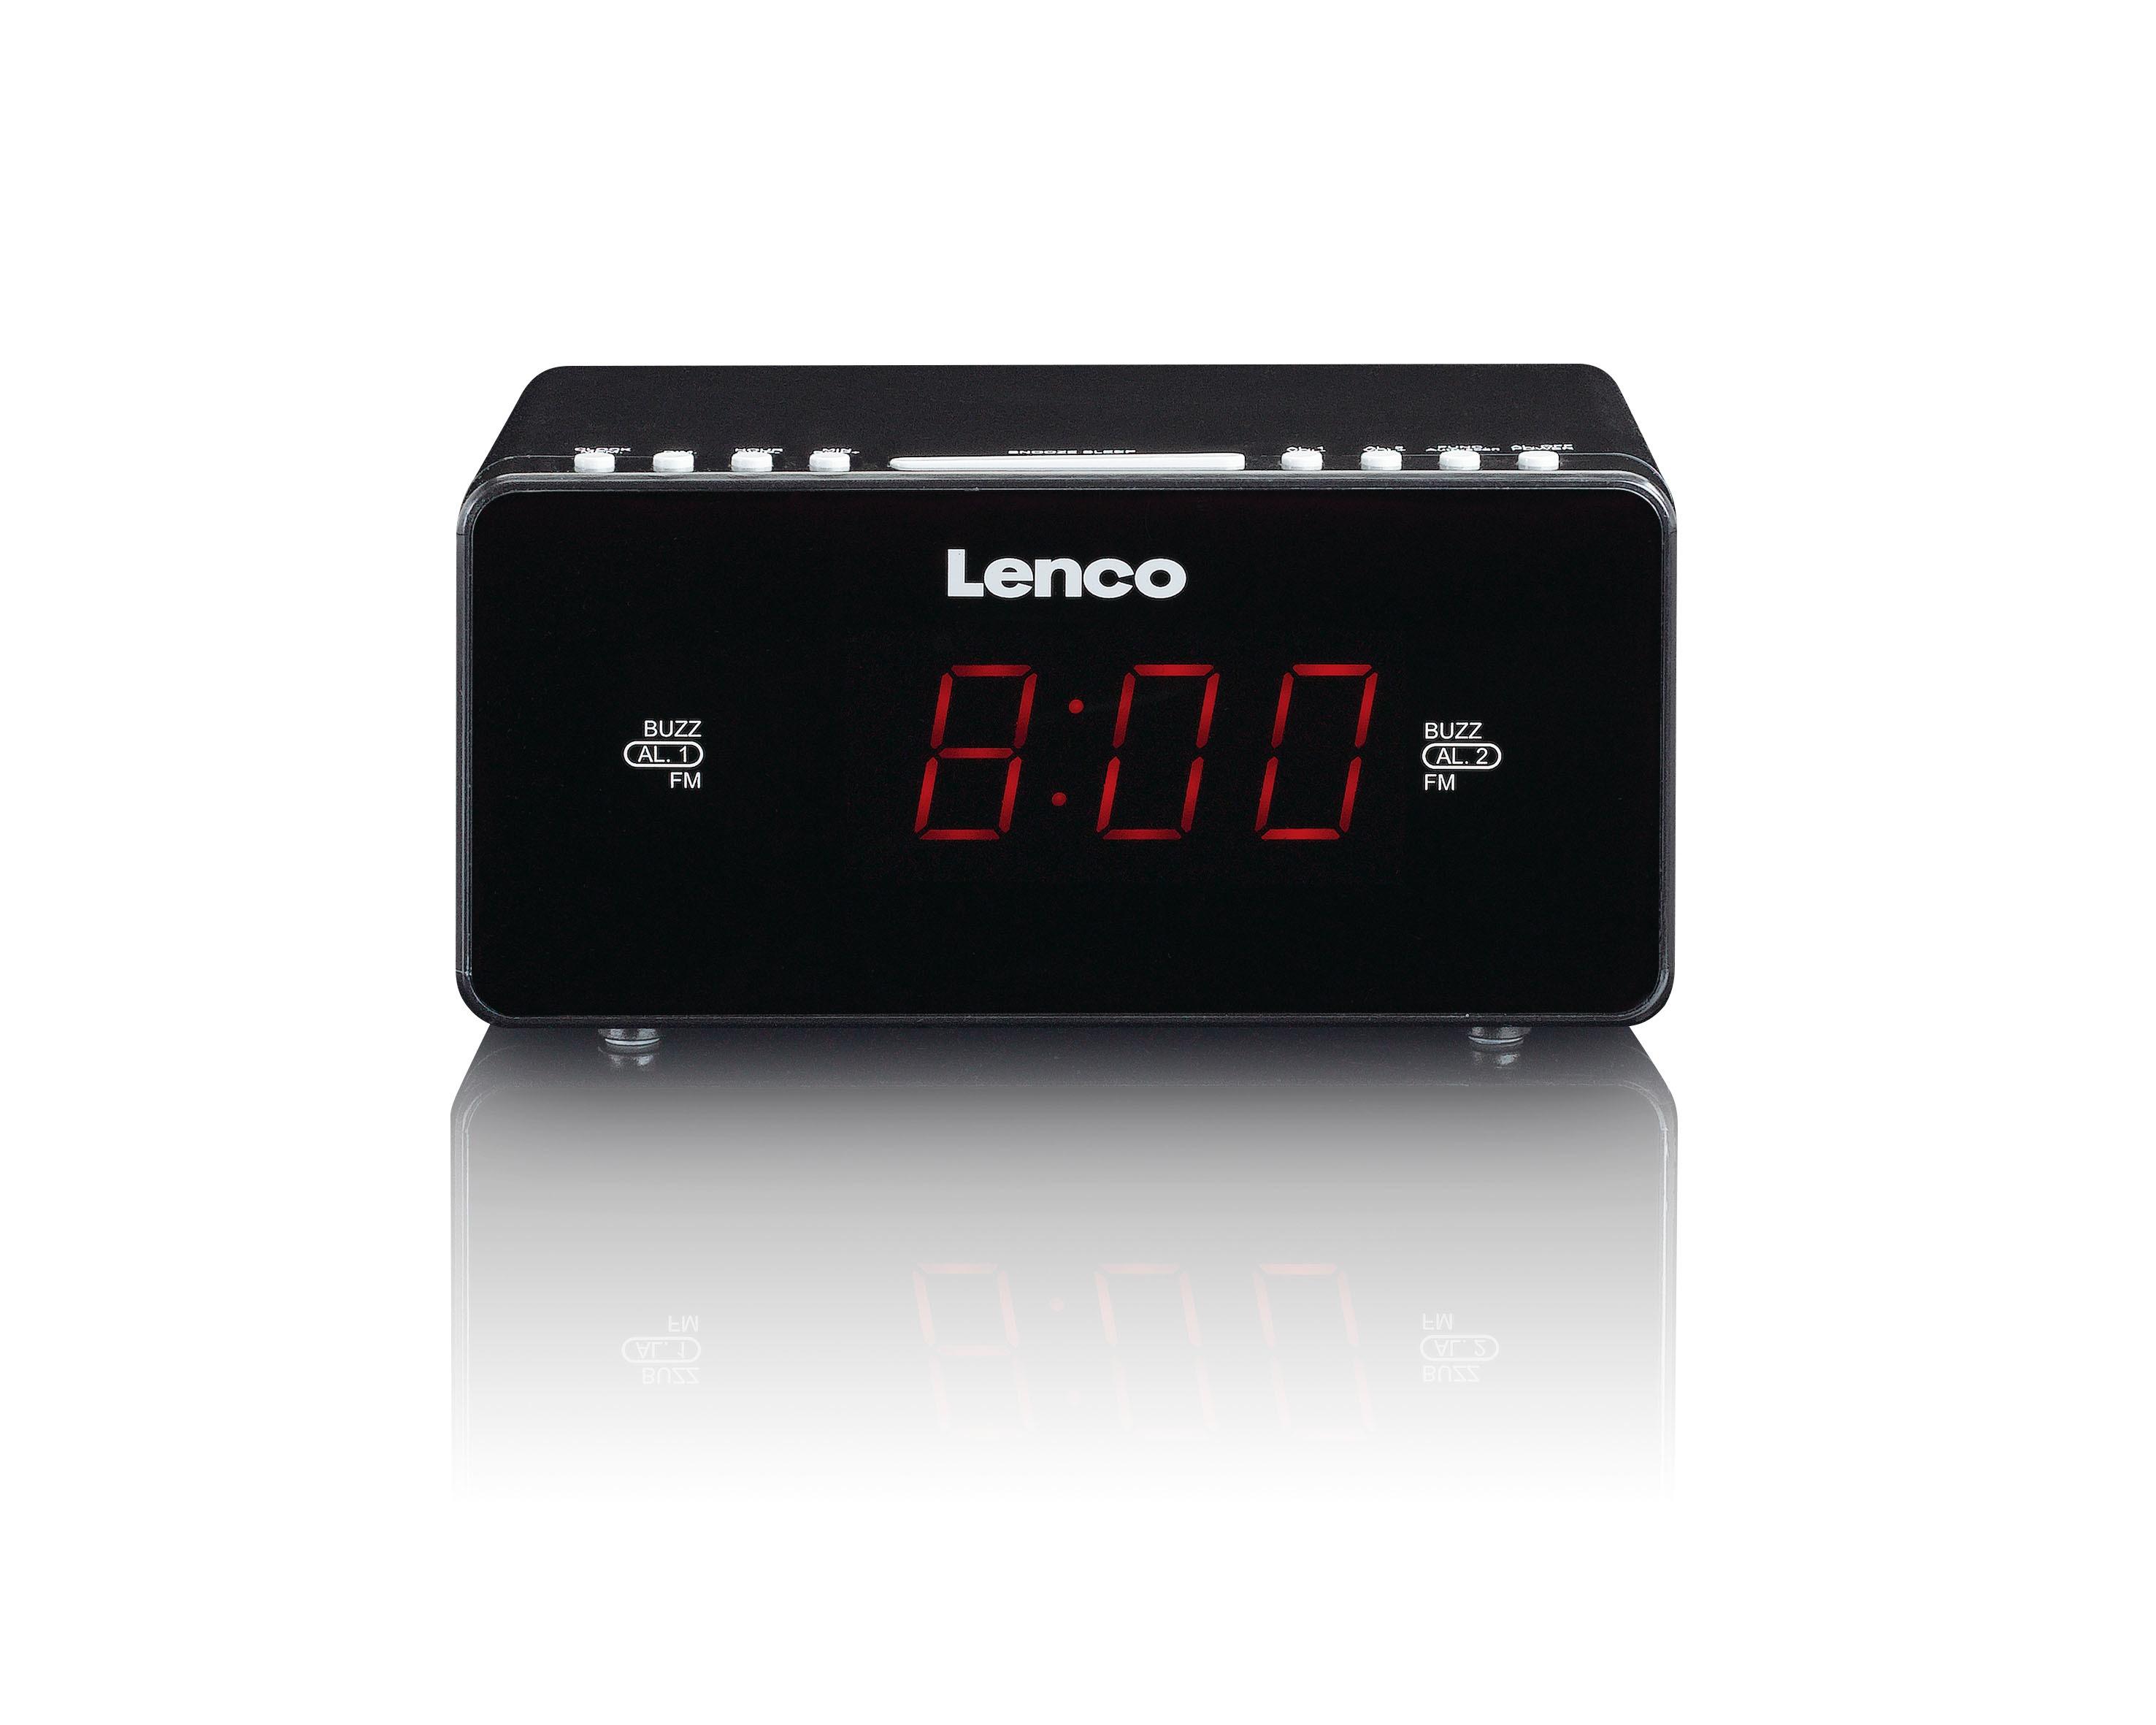 Lenco wekker radio CR 510 zwart